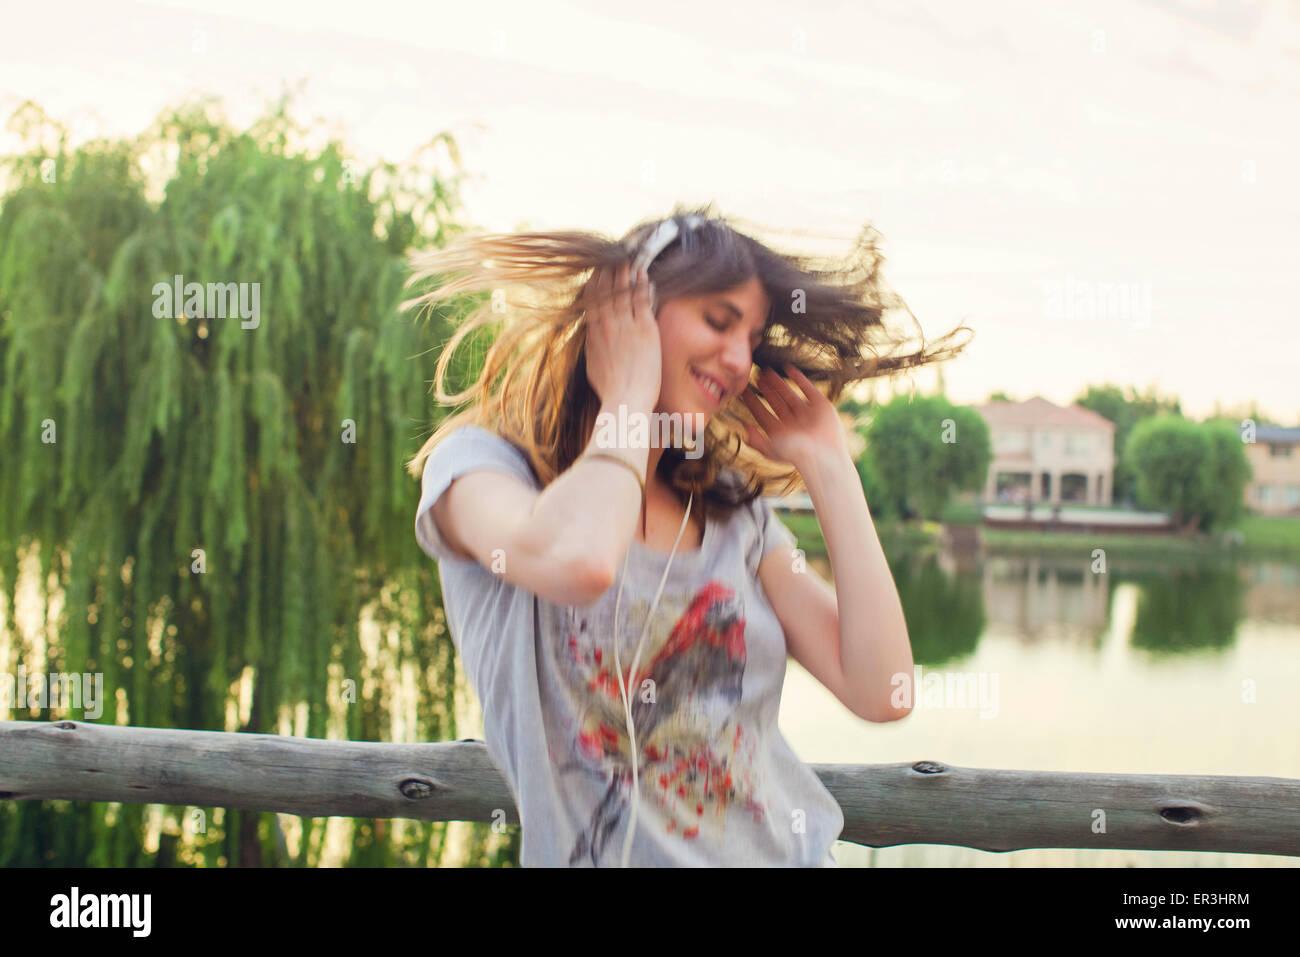 Junger Mensch Stockfotos  Junger Mensch Bilder  Alamy